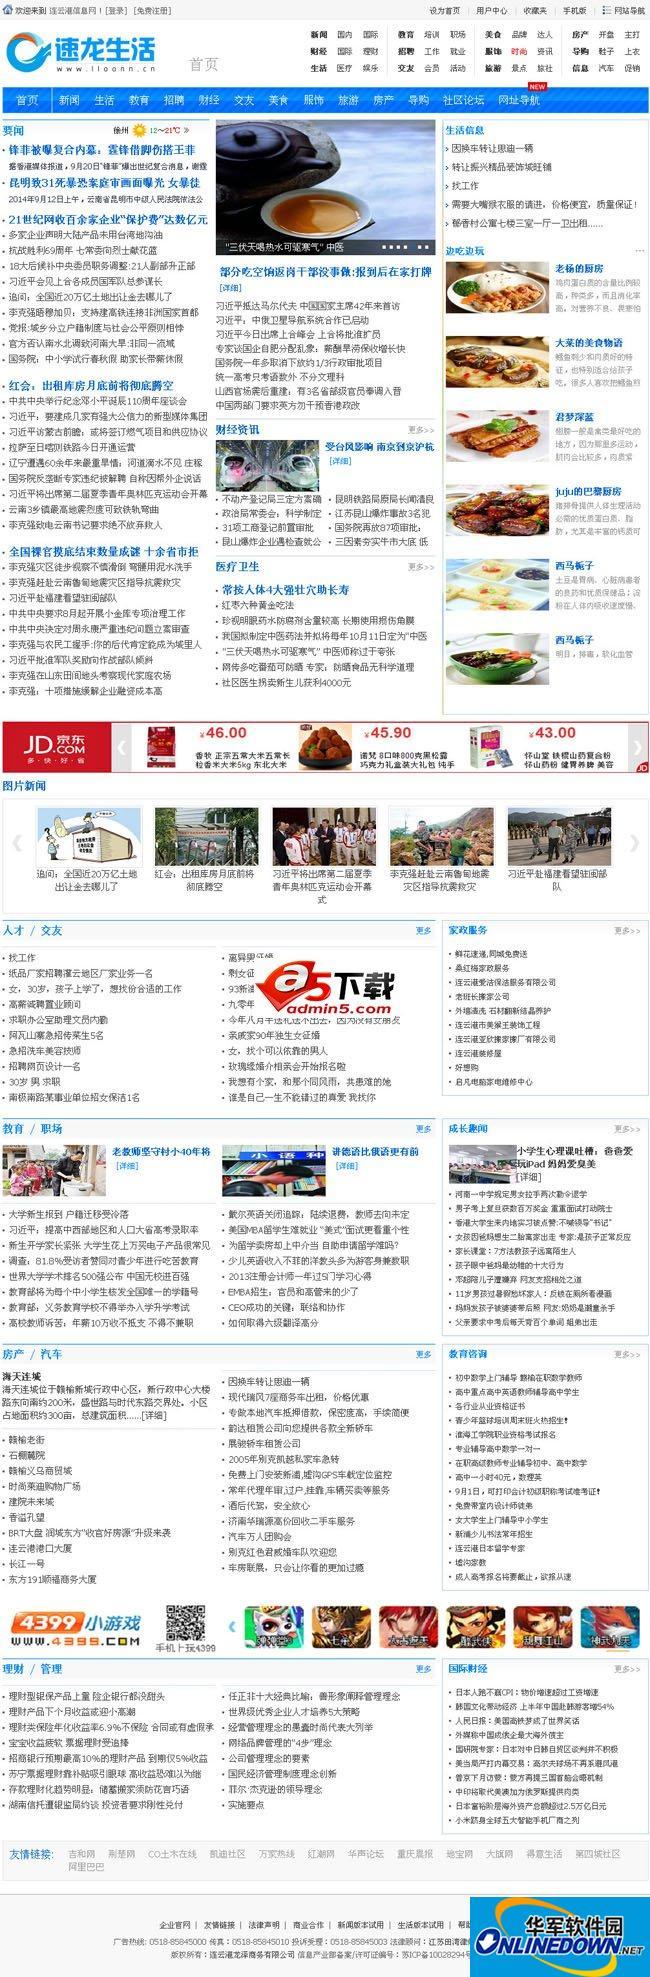 龙泽生活类门户网站系统 2